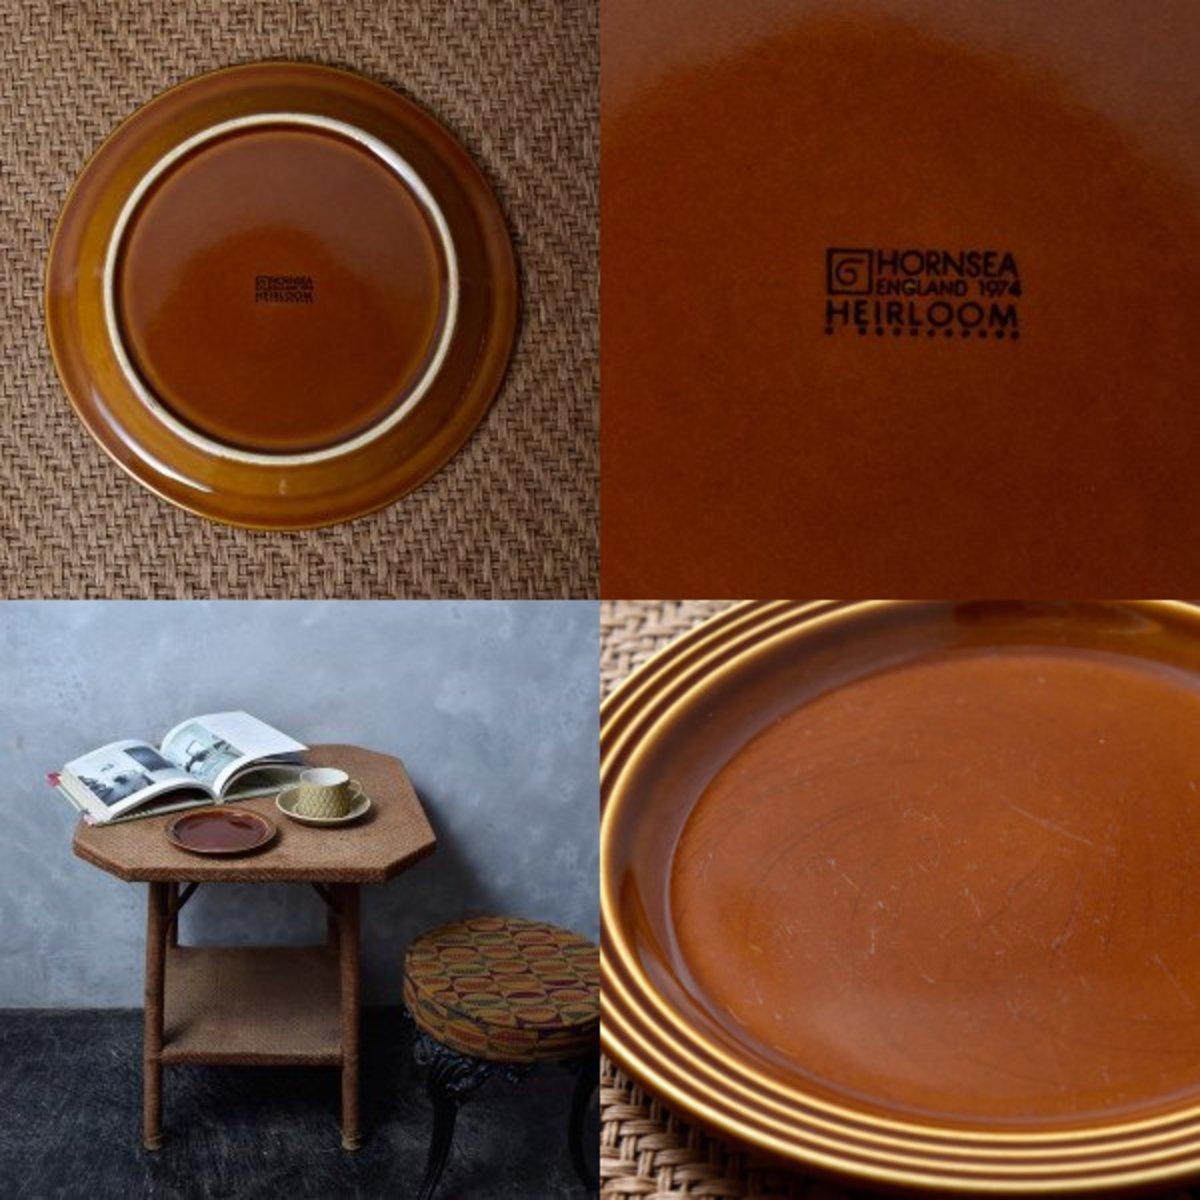 IZ45985I○HORNSEA エアルーム プレート 17.5cm 英国 ヴィンテージ ホーンジー Heirloom ブラウン イギリス ビンテージ デザート 食器 陶器_画像6